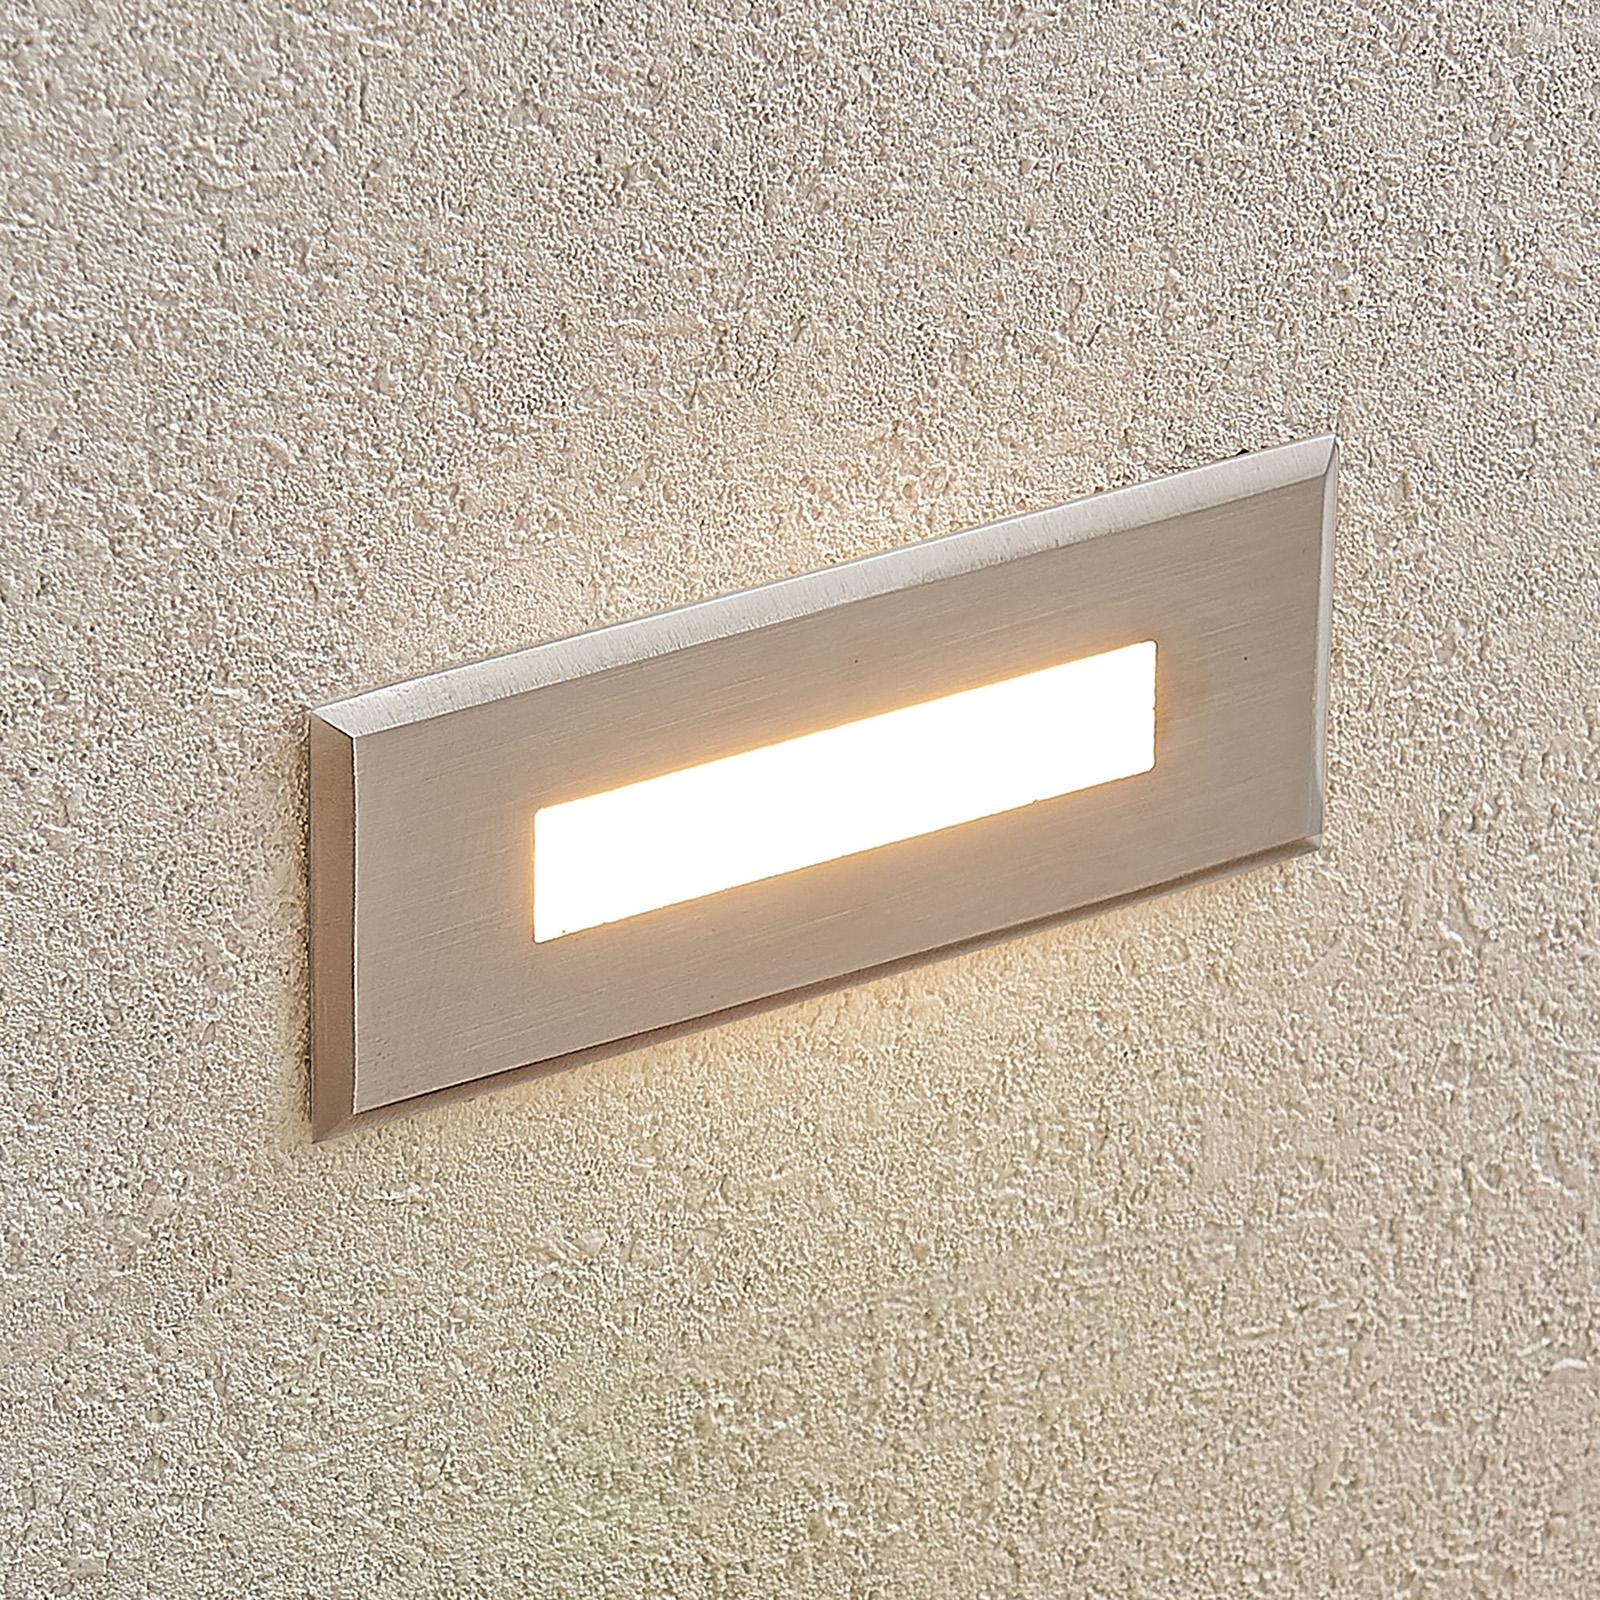 Lampenwelt.com 9969081 Venkovní zapuštěné osvětlení